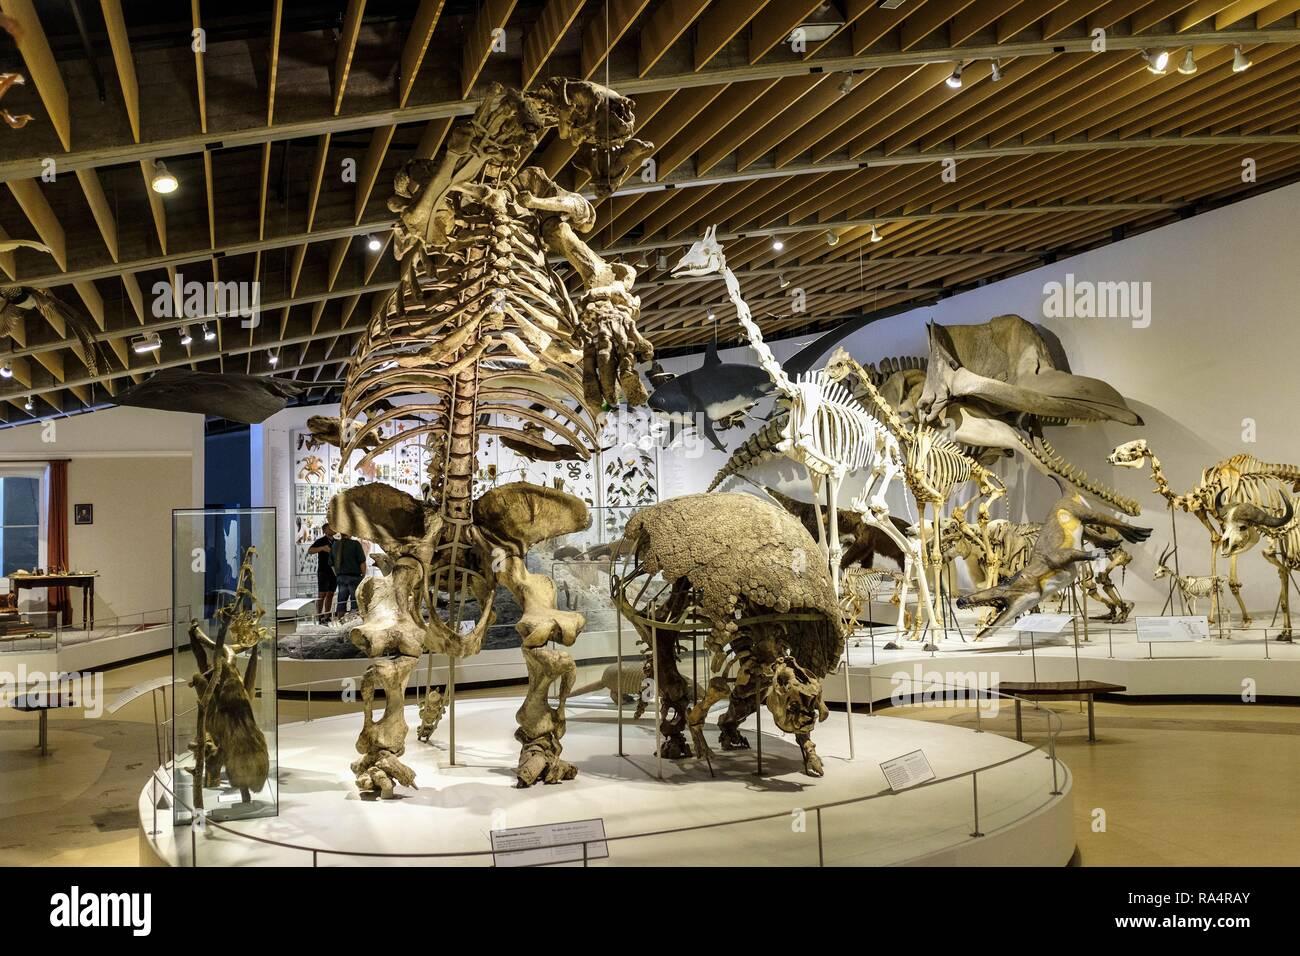 Dania - region Zealand - Kopenhaga - Muzeum Historii Naturalnej - Muzeum Zoologiczne - sala wystawowa poswiecona eksponatom ewolucji zwierzat - szkielety i skamienialosci Denmark - Zealand region - Co - Stock Image